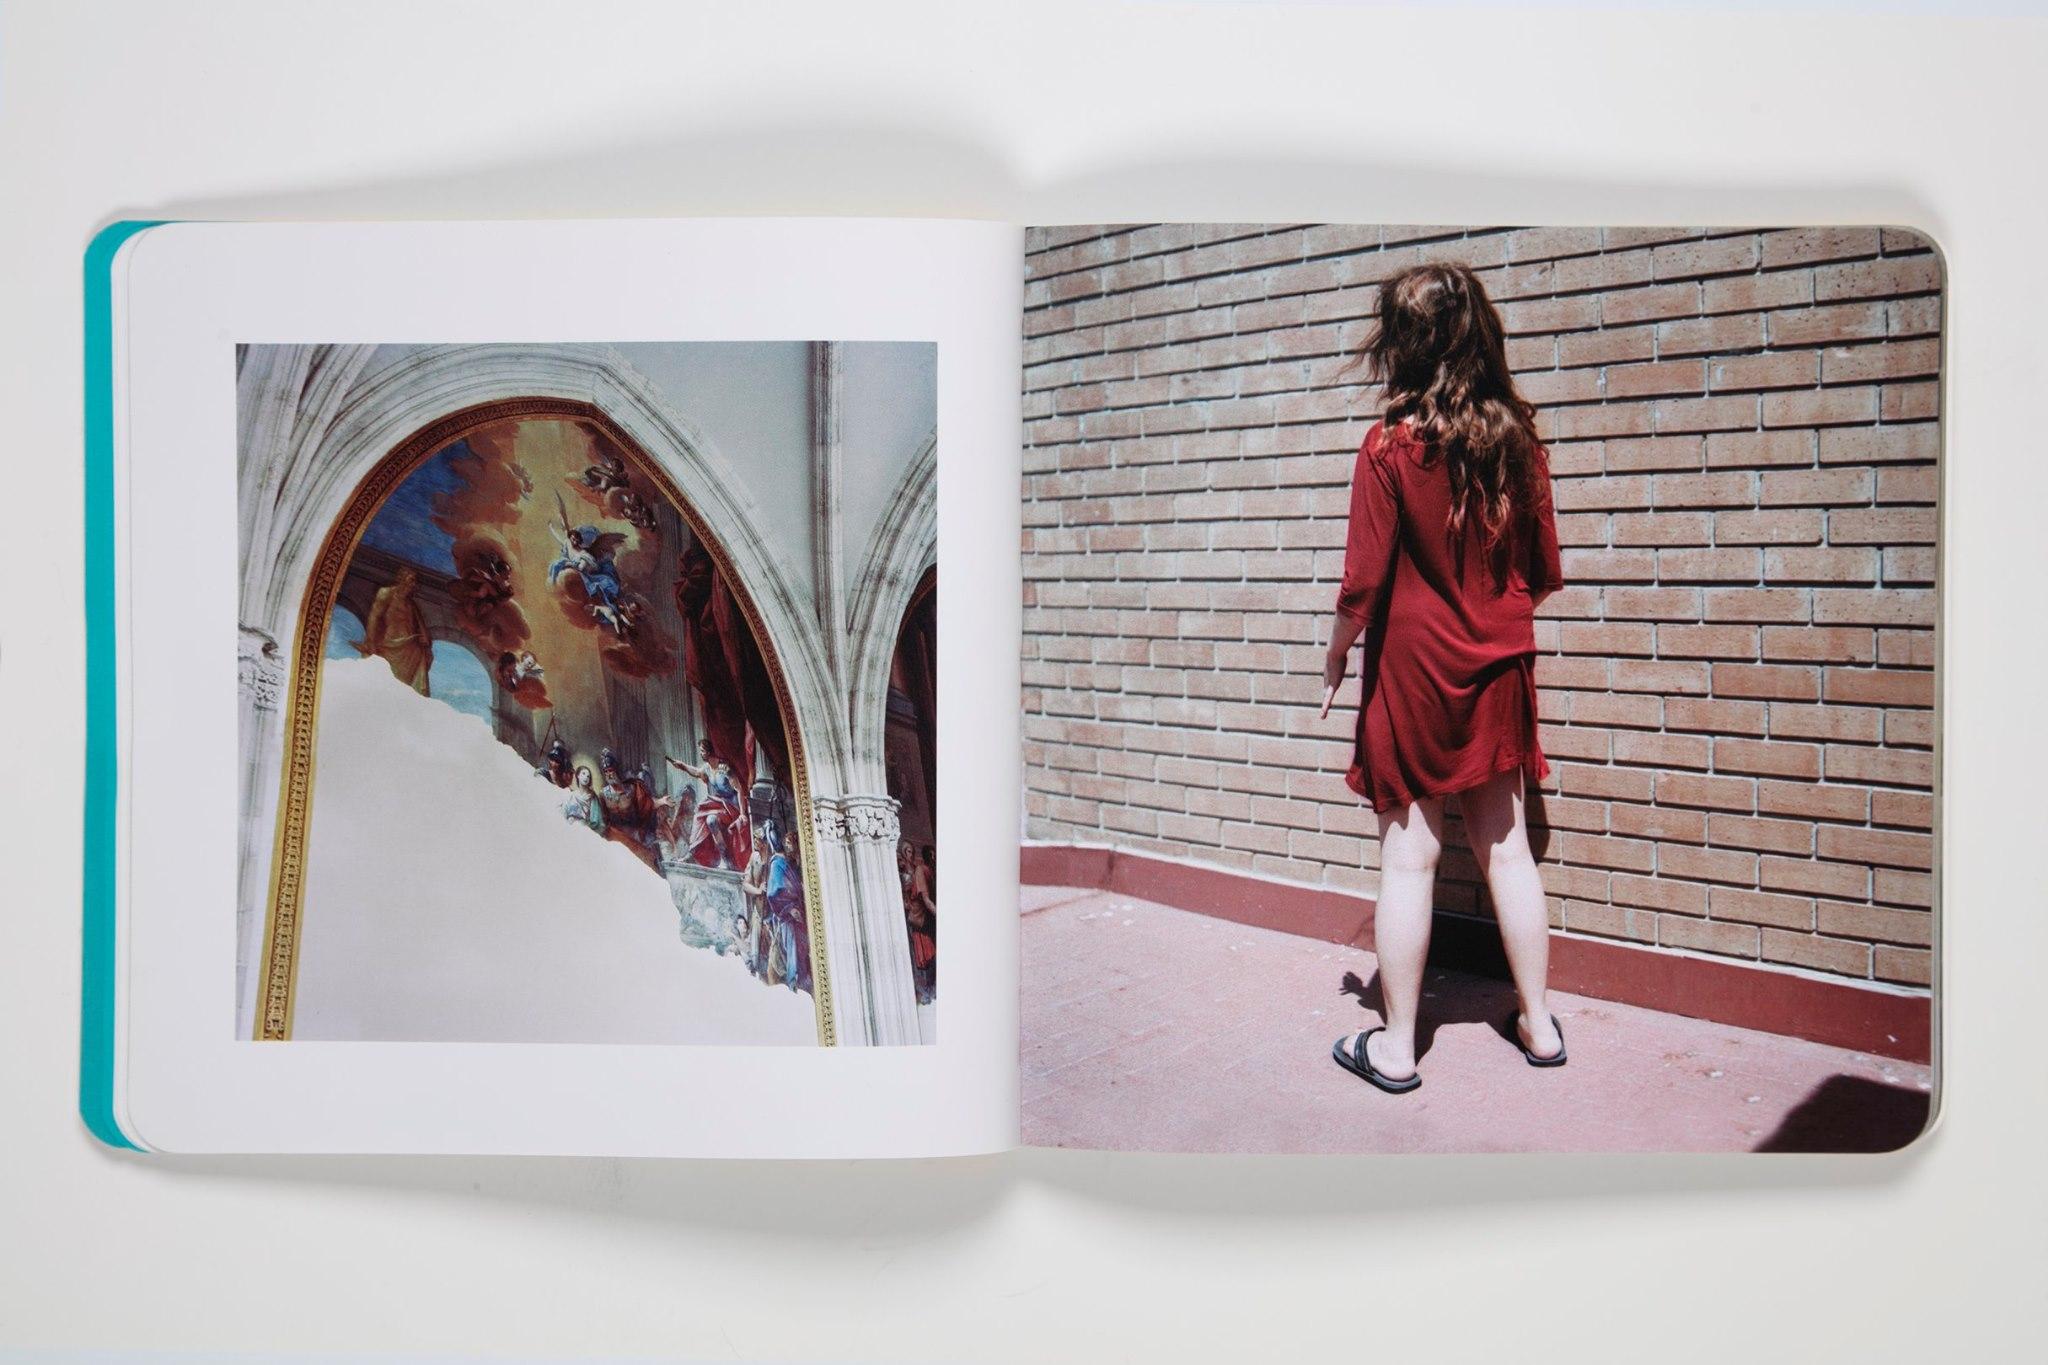 El Centro de la Imagen abre su acervo visual, de revistas y ensayos sobre fotografía